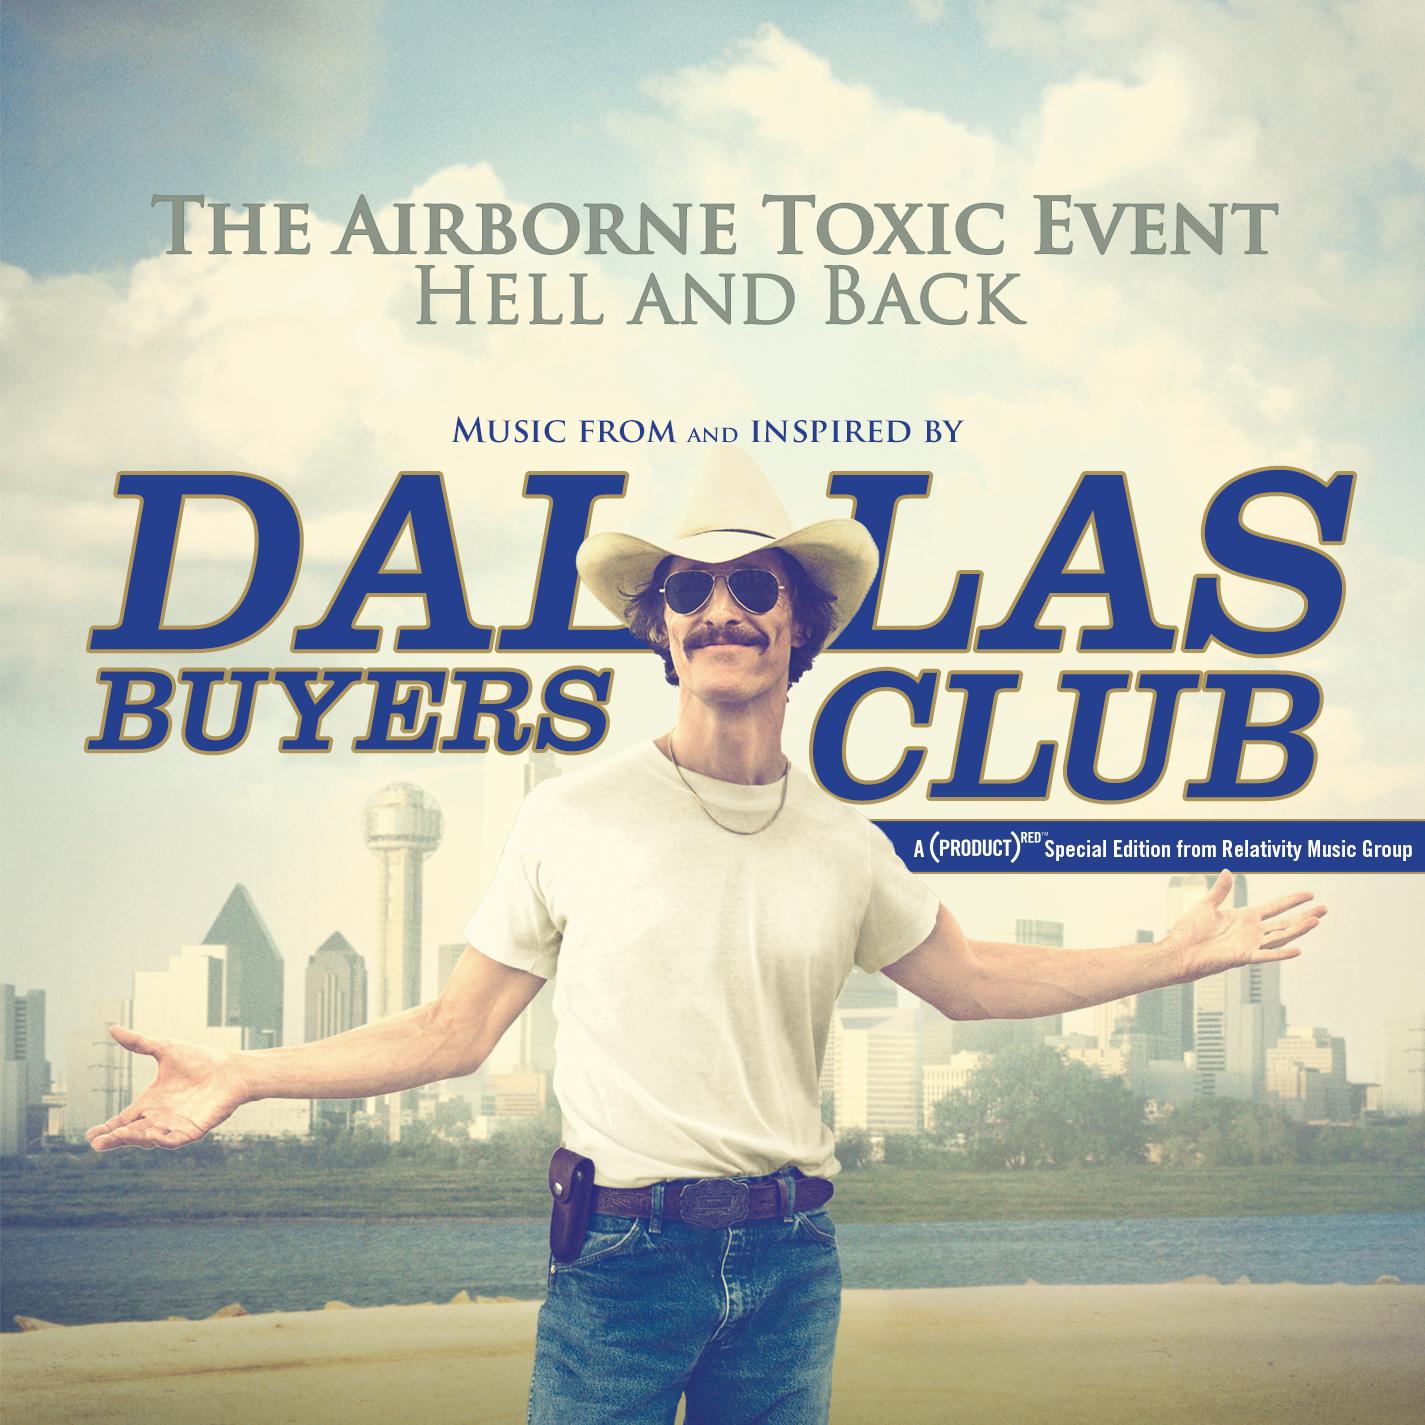 Dallas Buyers Club: giustizia e legalità